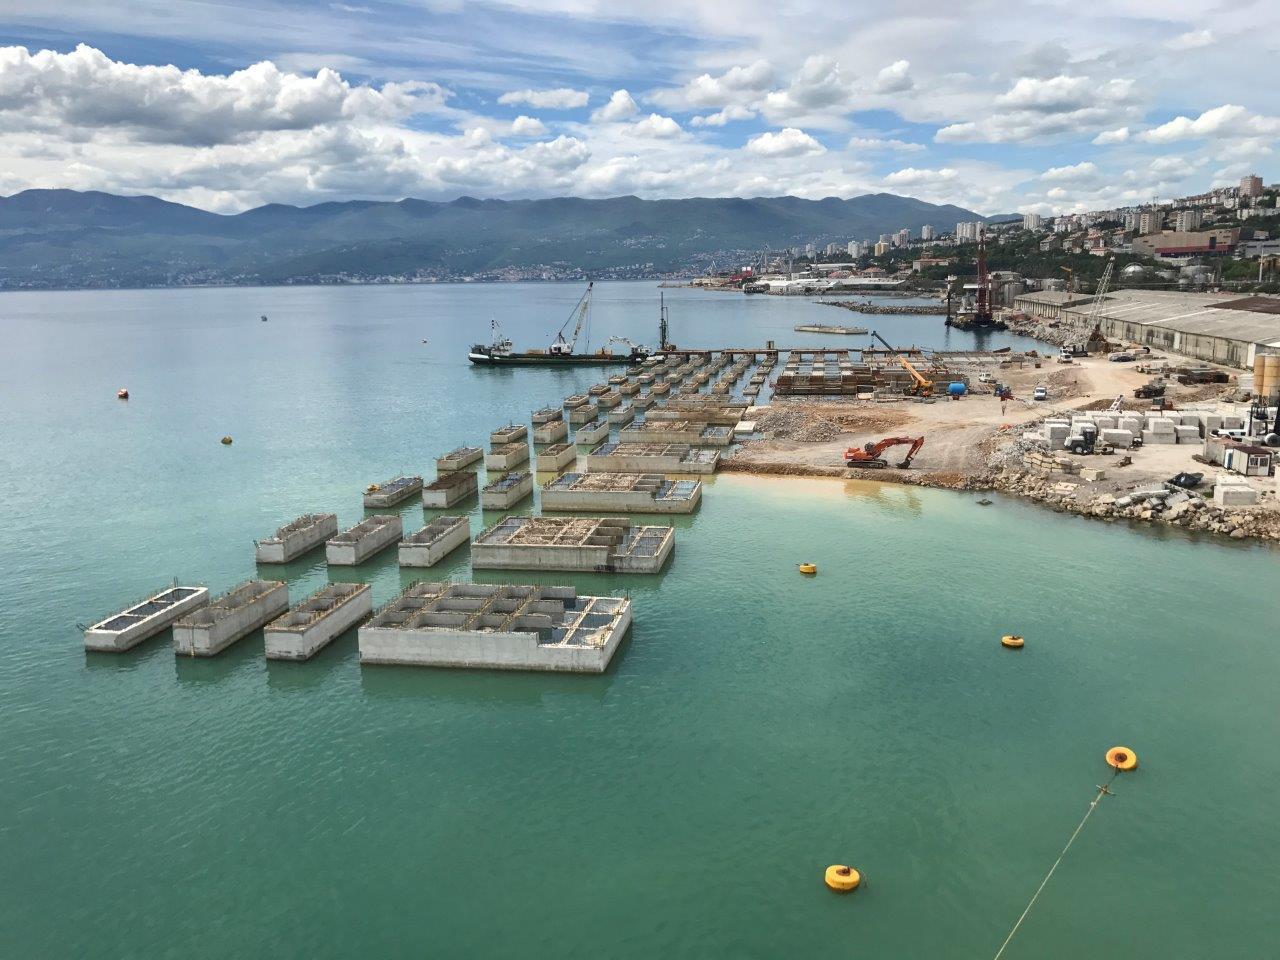 Izgradnja Zagreb Deep Sea kontejnerskog terminala - 2017. godina